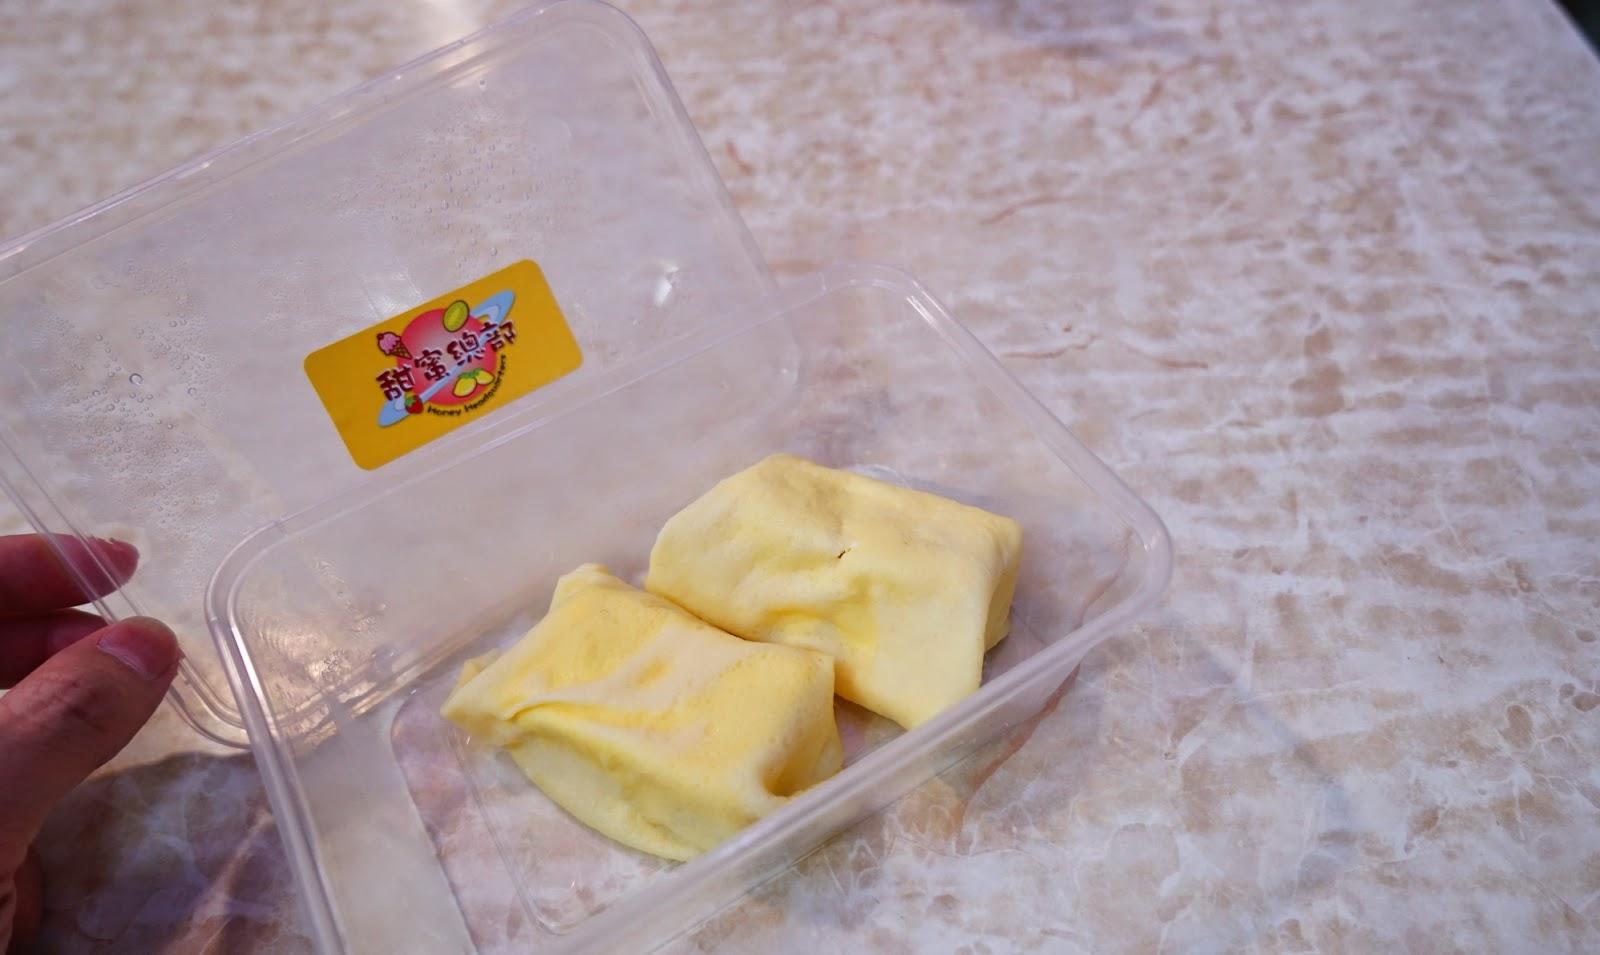 香港深水埗甜蜜總部 甜品榴槤班戟 外賣